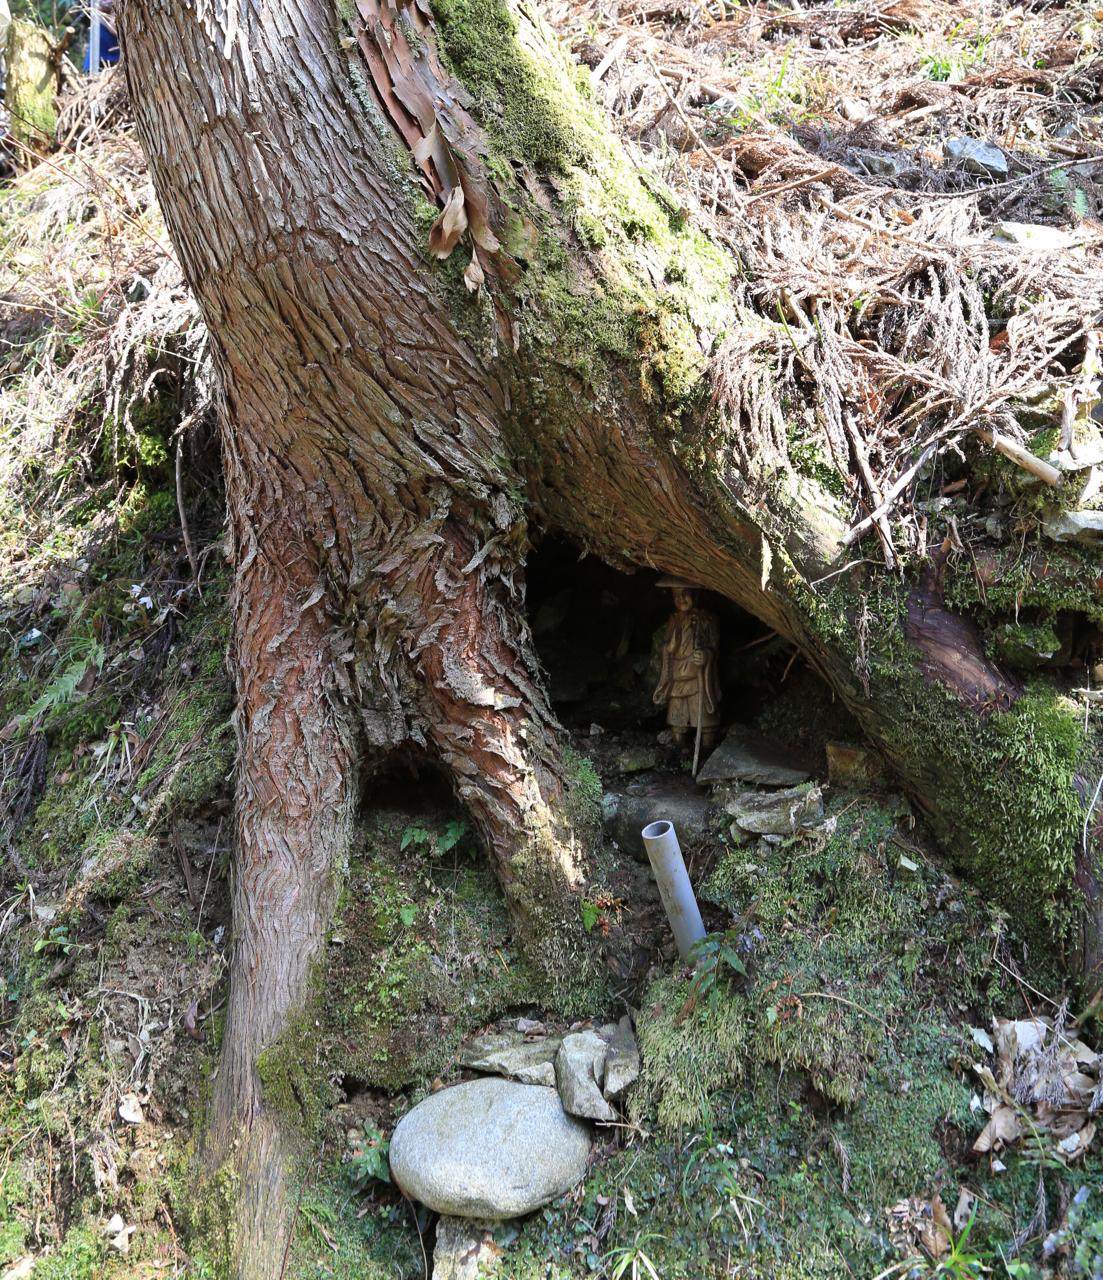 木の中のお地蔵様